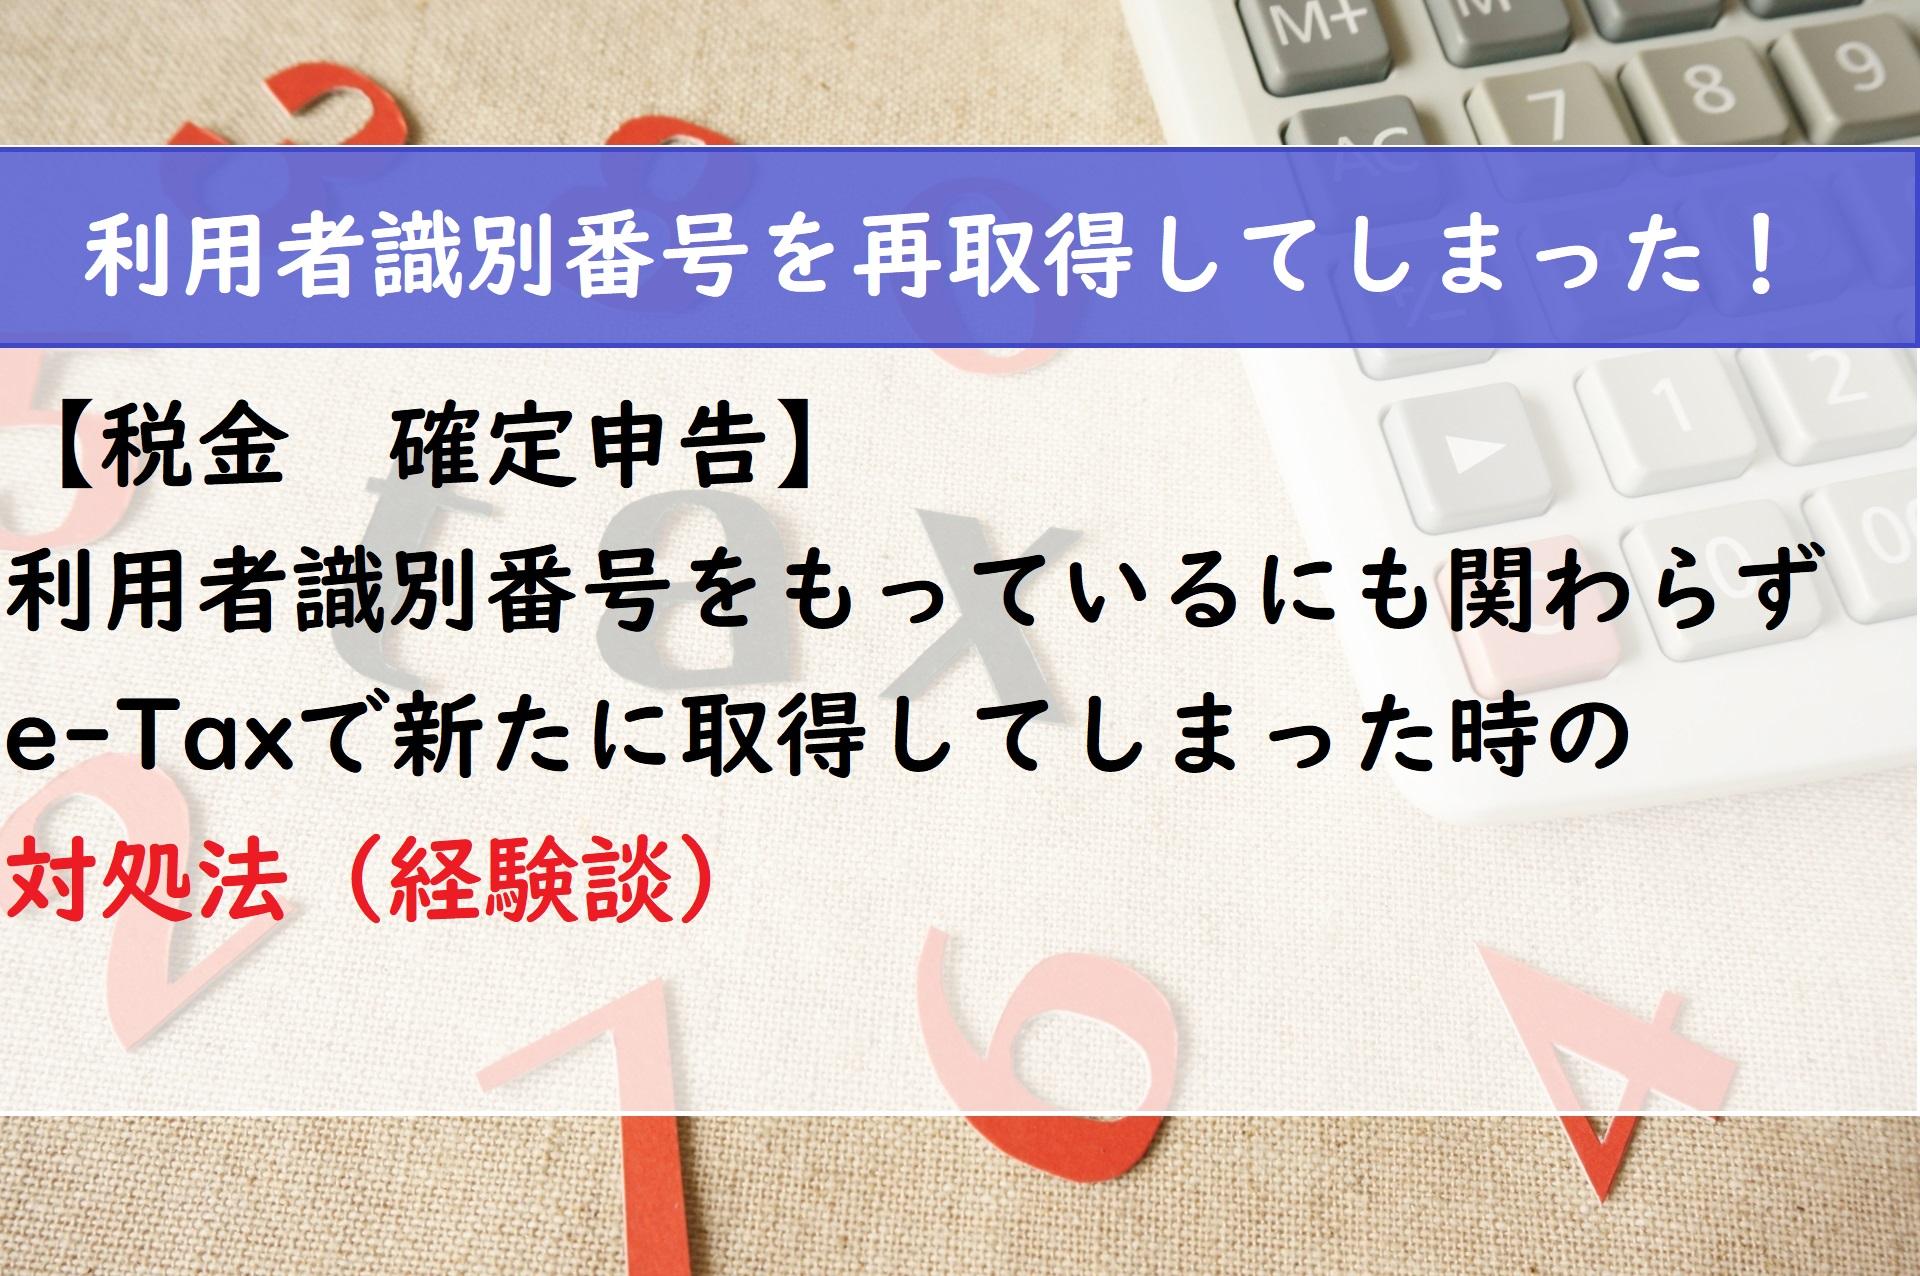 【税金 確定申告】e-Taxで新たに利用識別者番号を取得してしまった時の対処法